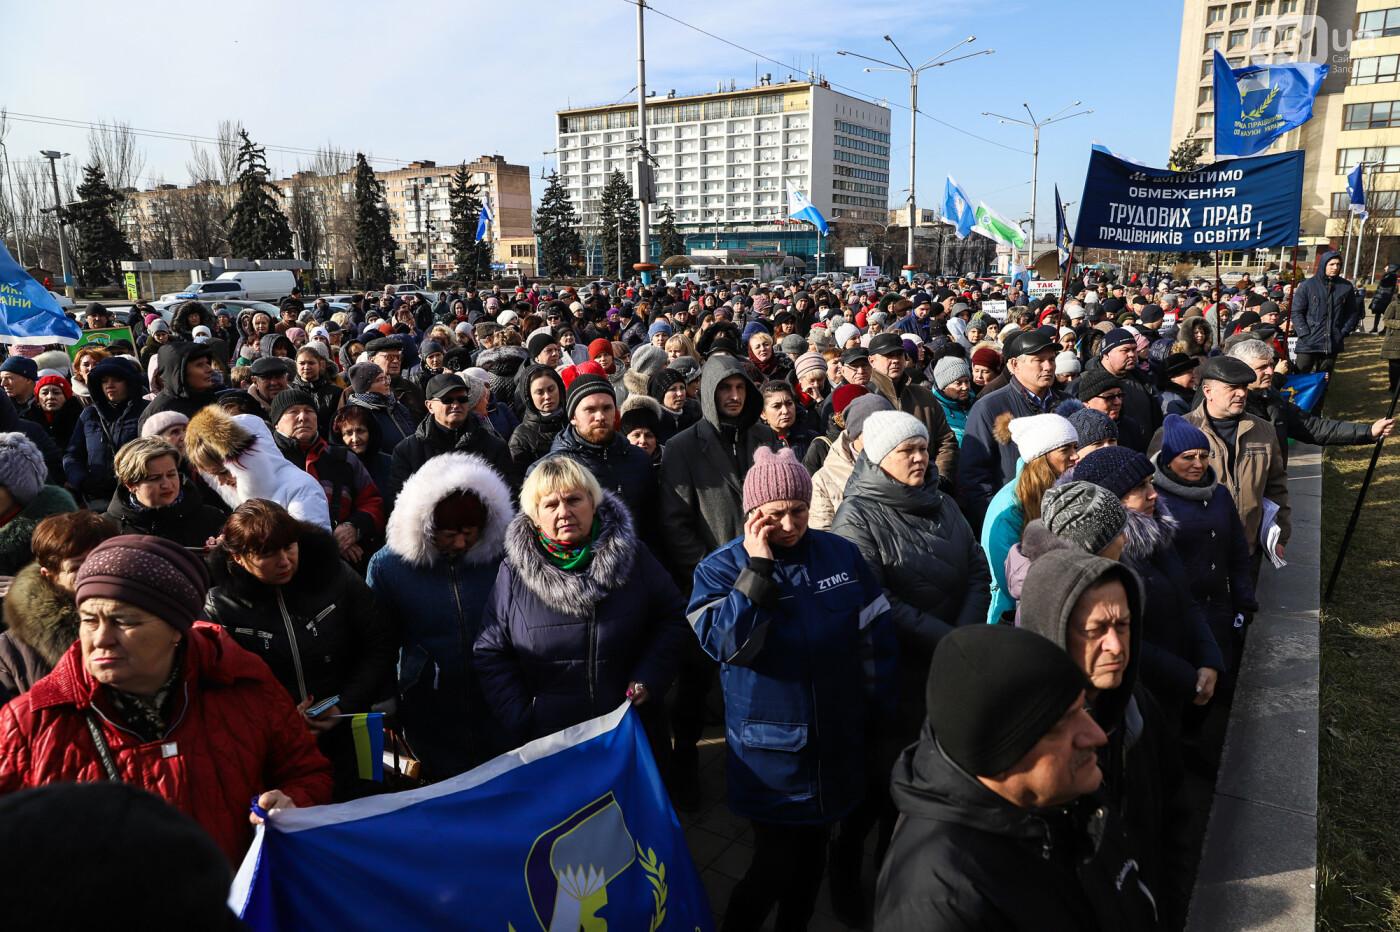 В Запорожье на протестную акцию профсоюзов «Волна гнева» вышло около 2000 человек, - ФОТОРЕПОРТАЖ, фото-27